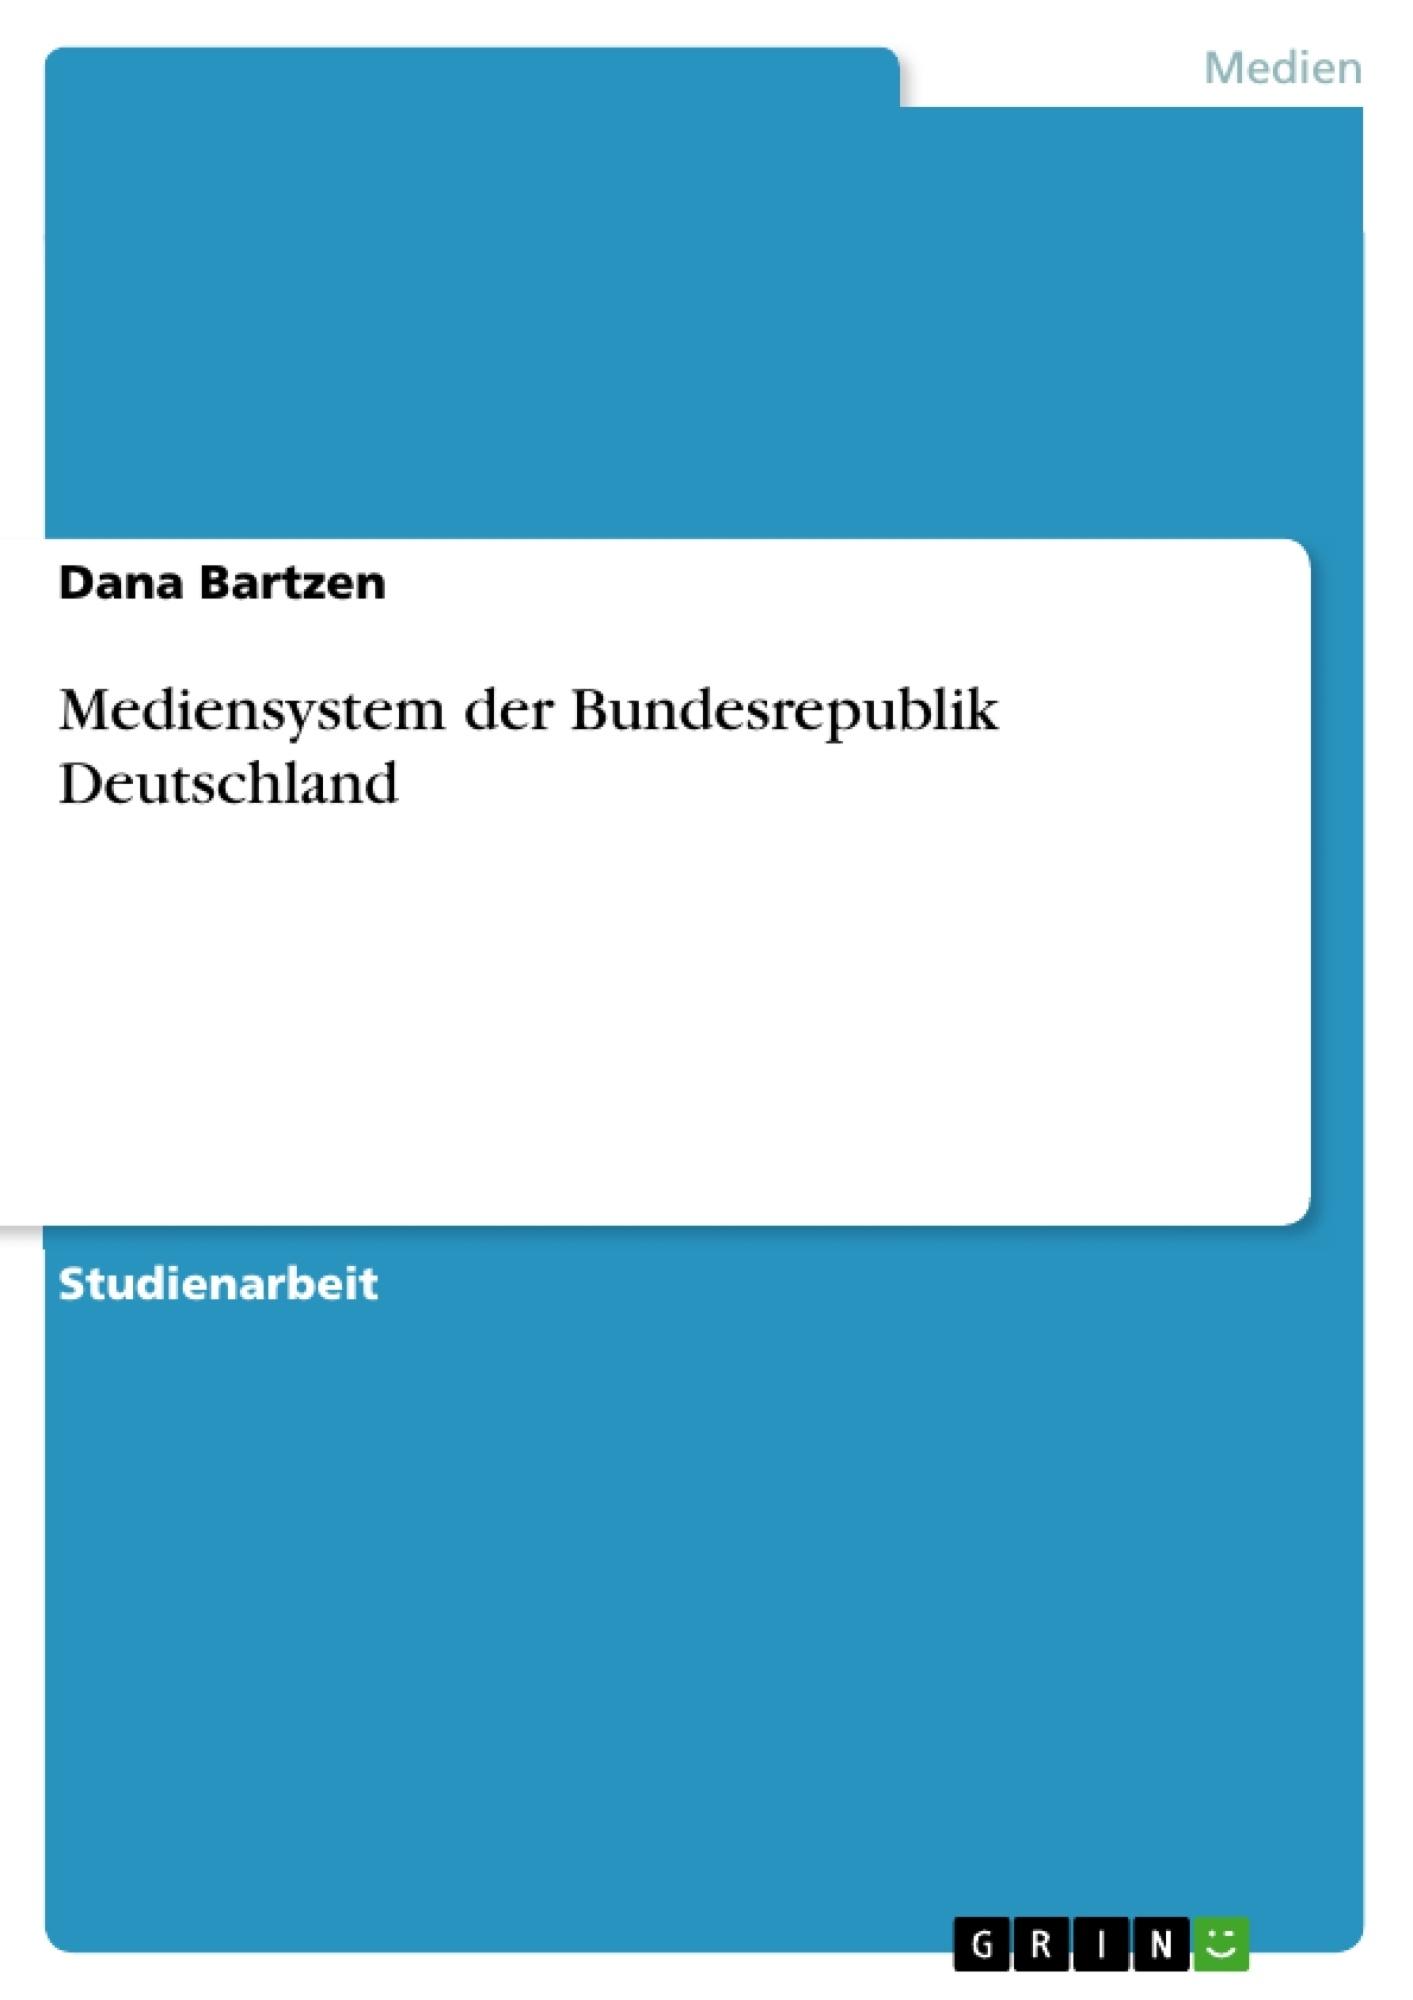 Titel: Mediensystem der Bundesrepublik Deutschland